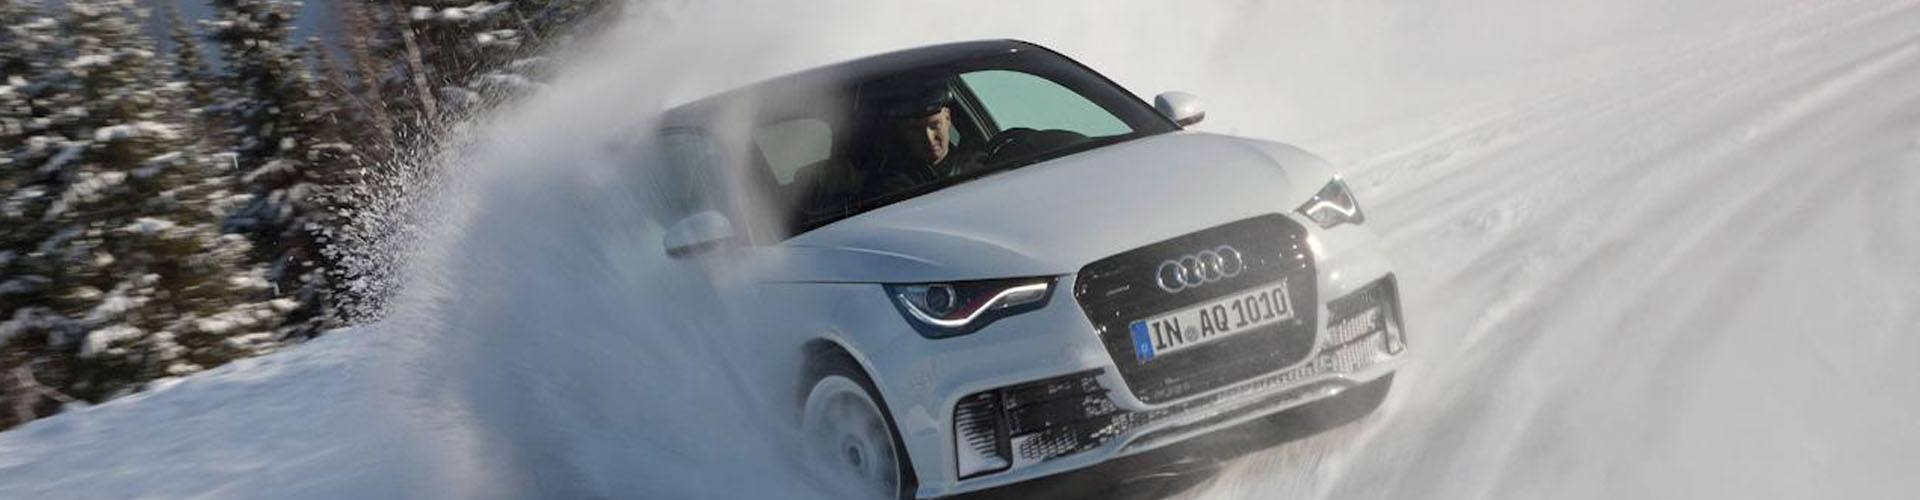 Sneeuwkettingen voor de Audi A1